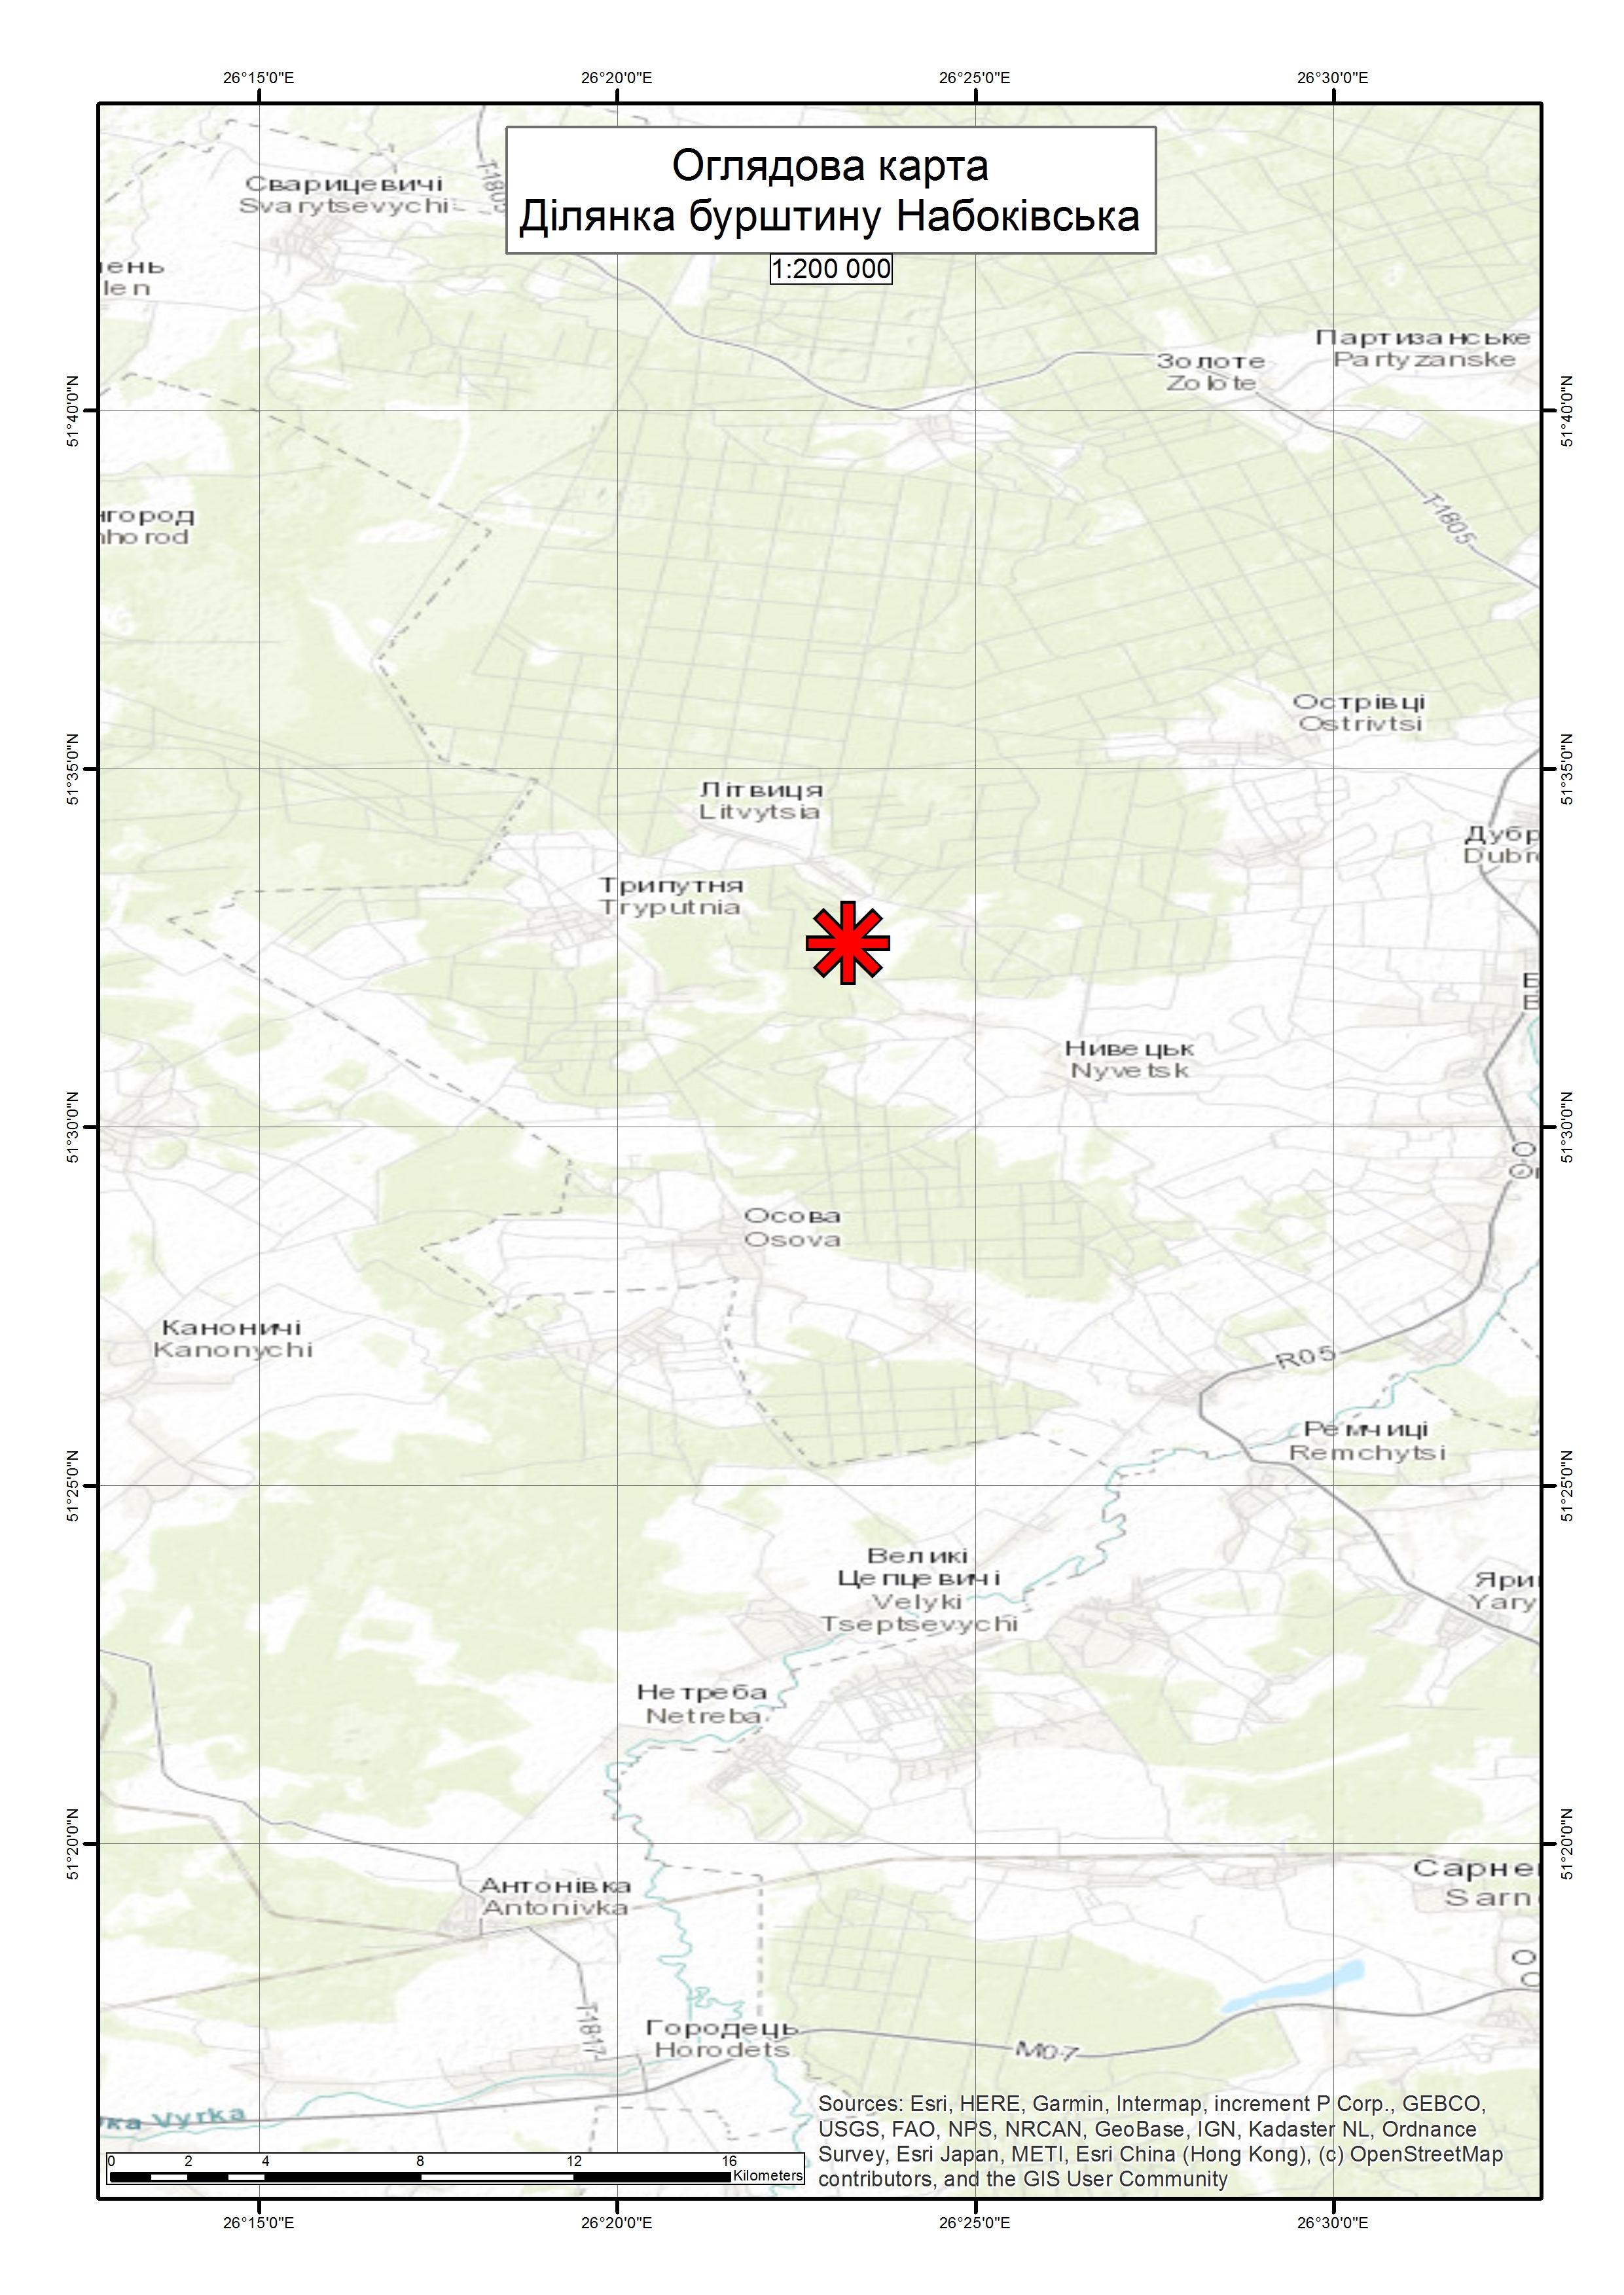 Спеціальний дозвіл на користування надрами – Ділянка Набоківська. Вартість геологічної інформації – 97 931,74 грн (з ПДВ). Вартість пакету аукціонної документації – 5 208,53 грн (з ПДВ).